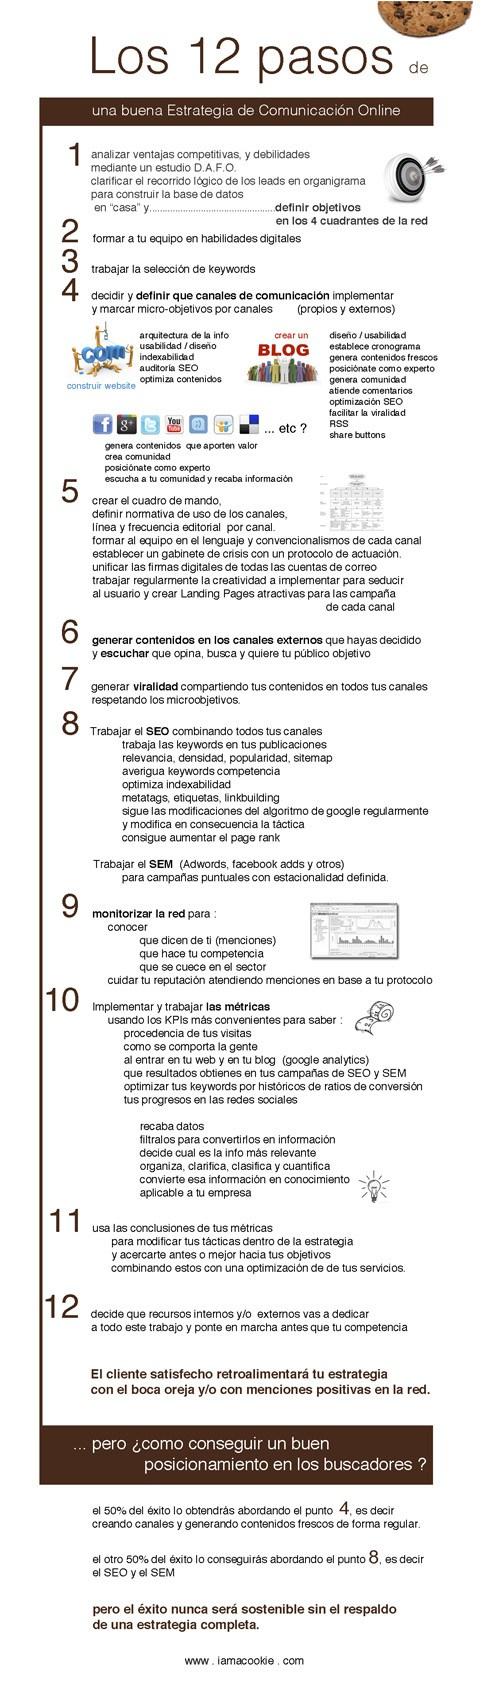 12 pasos de una buena estrategia de comunicación online